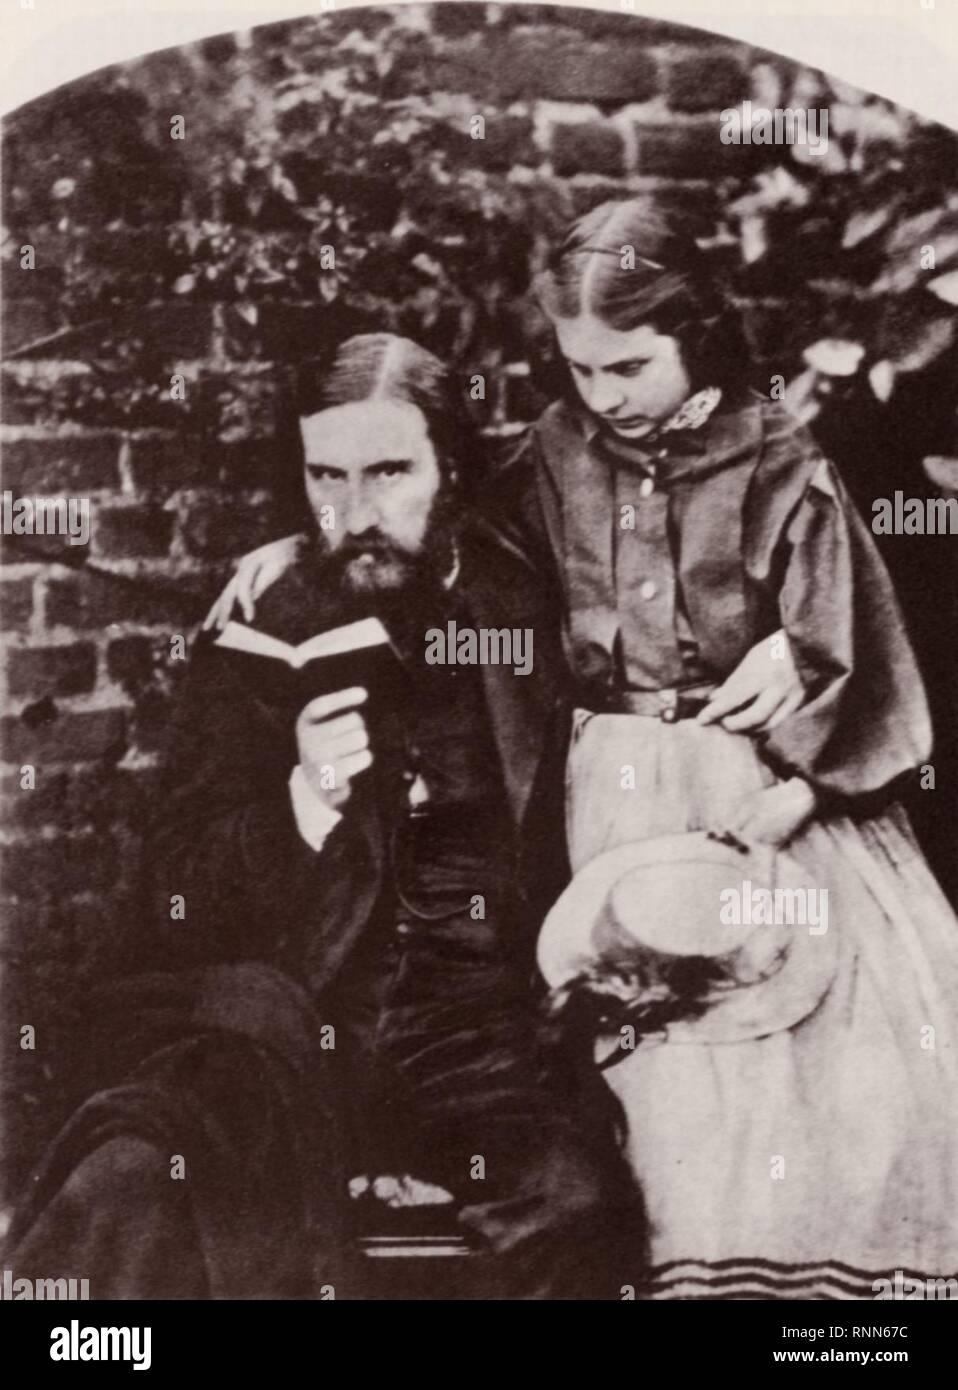 Carrol, Lewis - George MacDonald, Romanautor und Dichter, mit seiner ältesten Tochter, Lily - Stock Image